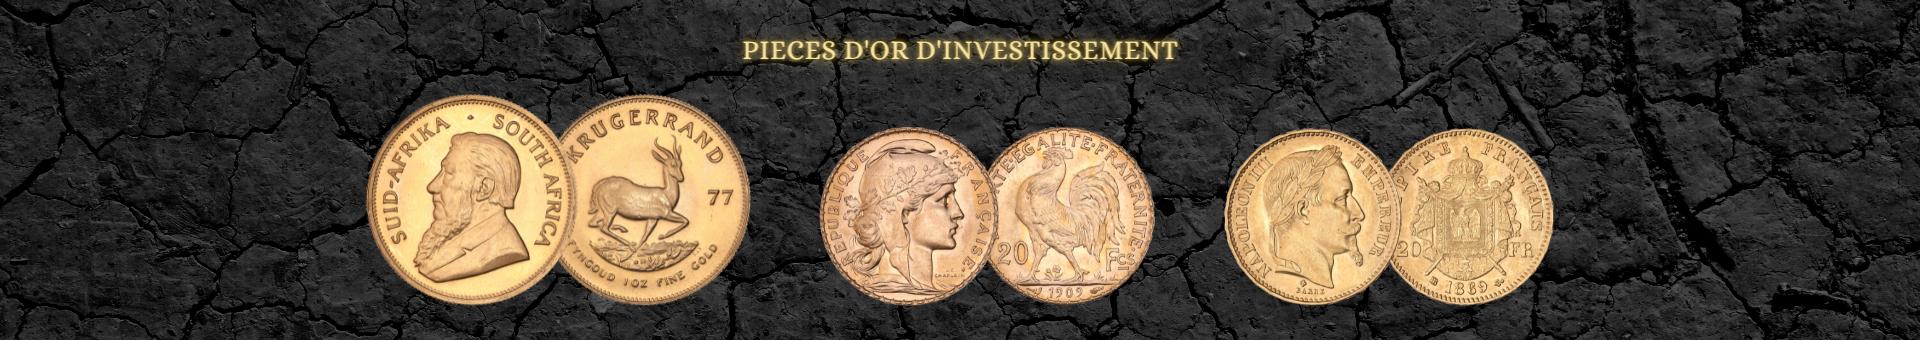 Achetez de l'or de bourse et lingots CPoR avec Or & Change